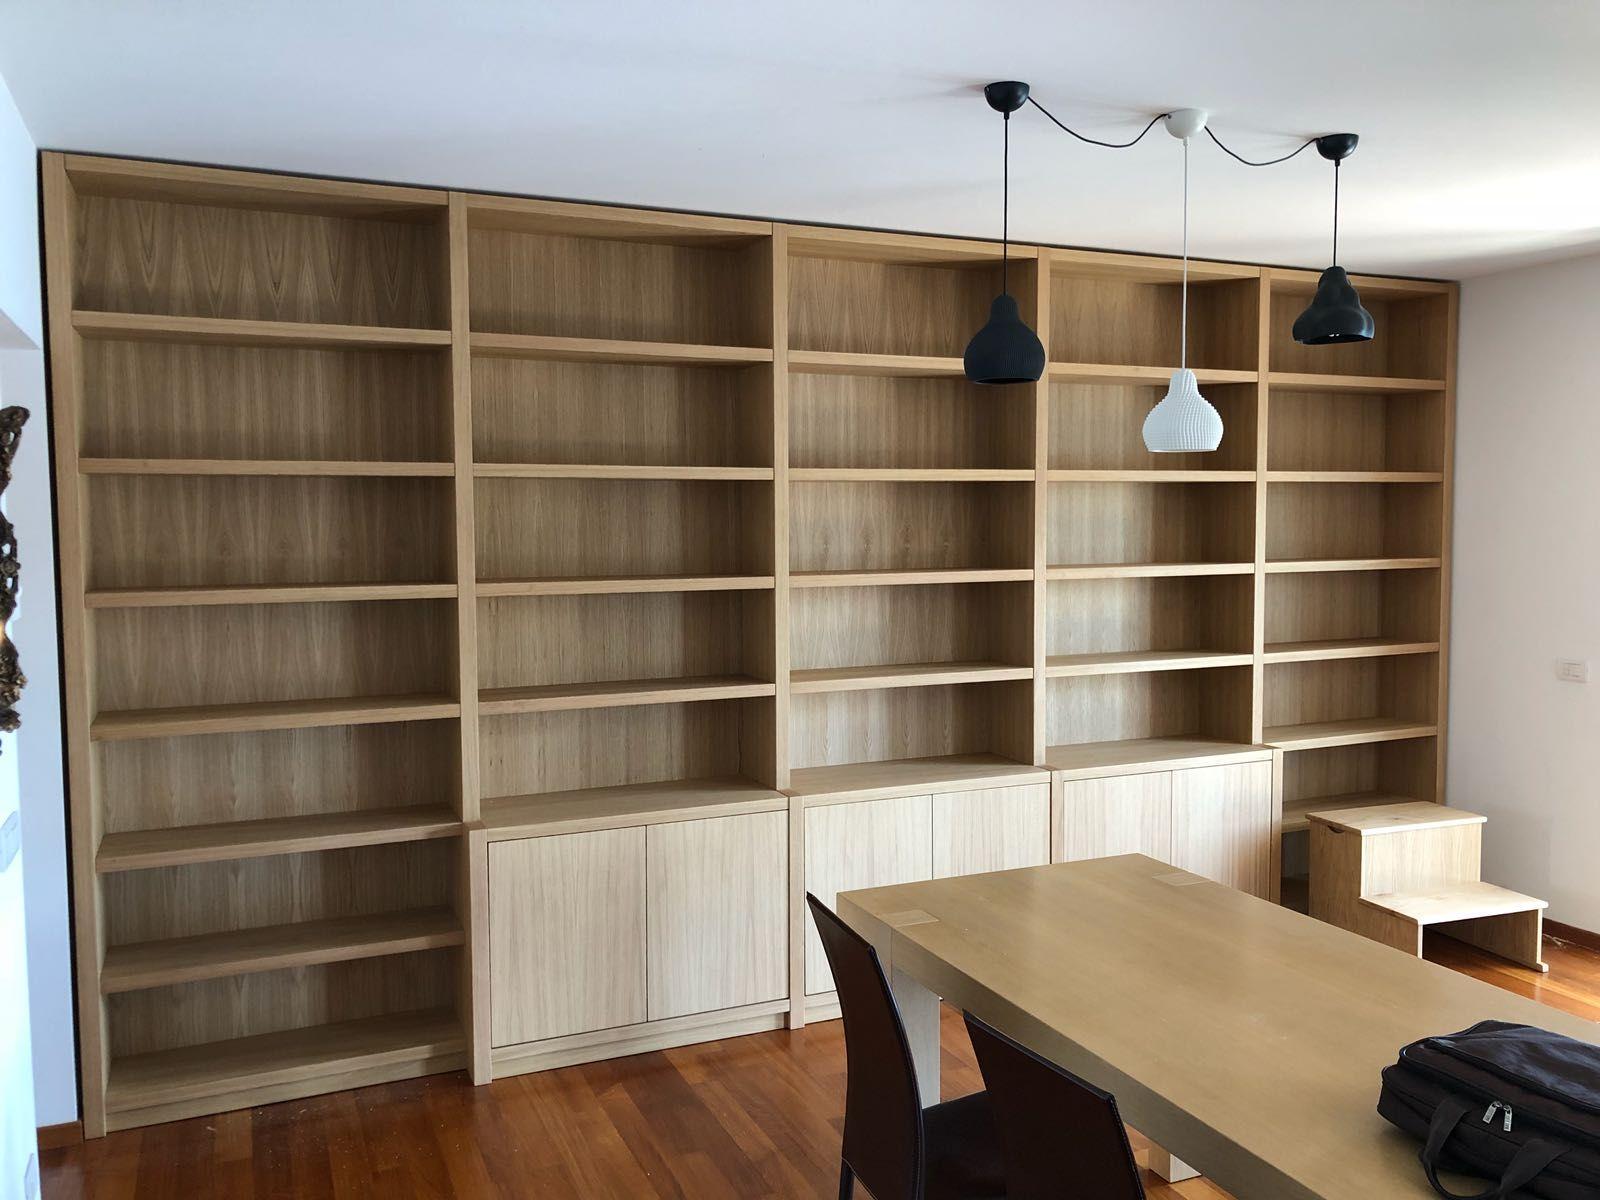 In Falegnameria Sappiamo Far Convivere Per La Realizzazione Di Librerie